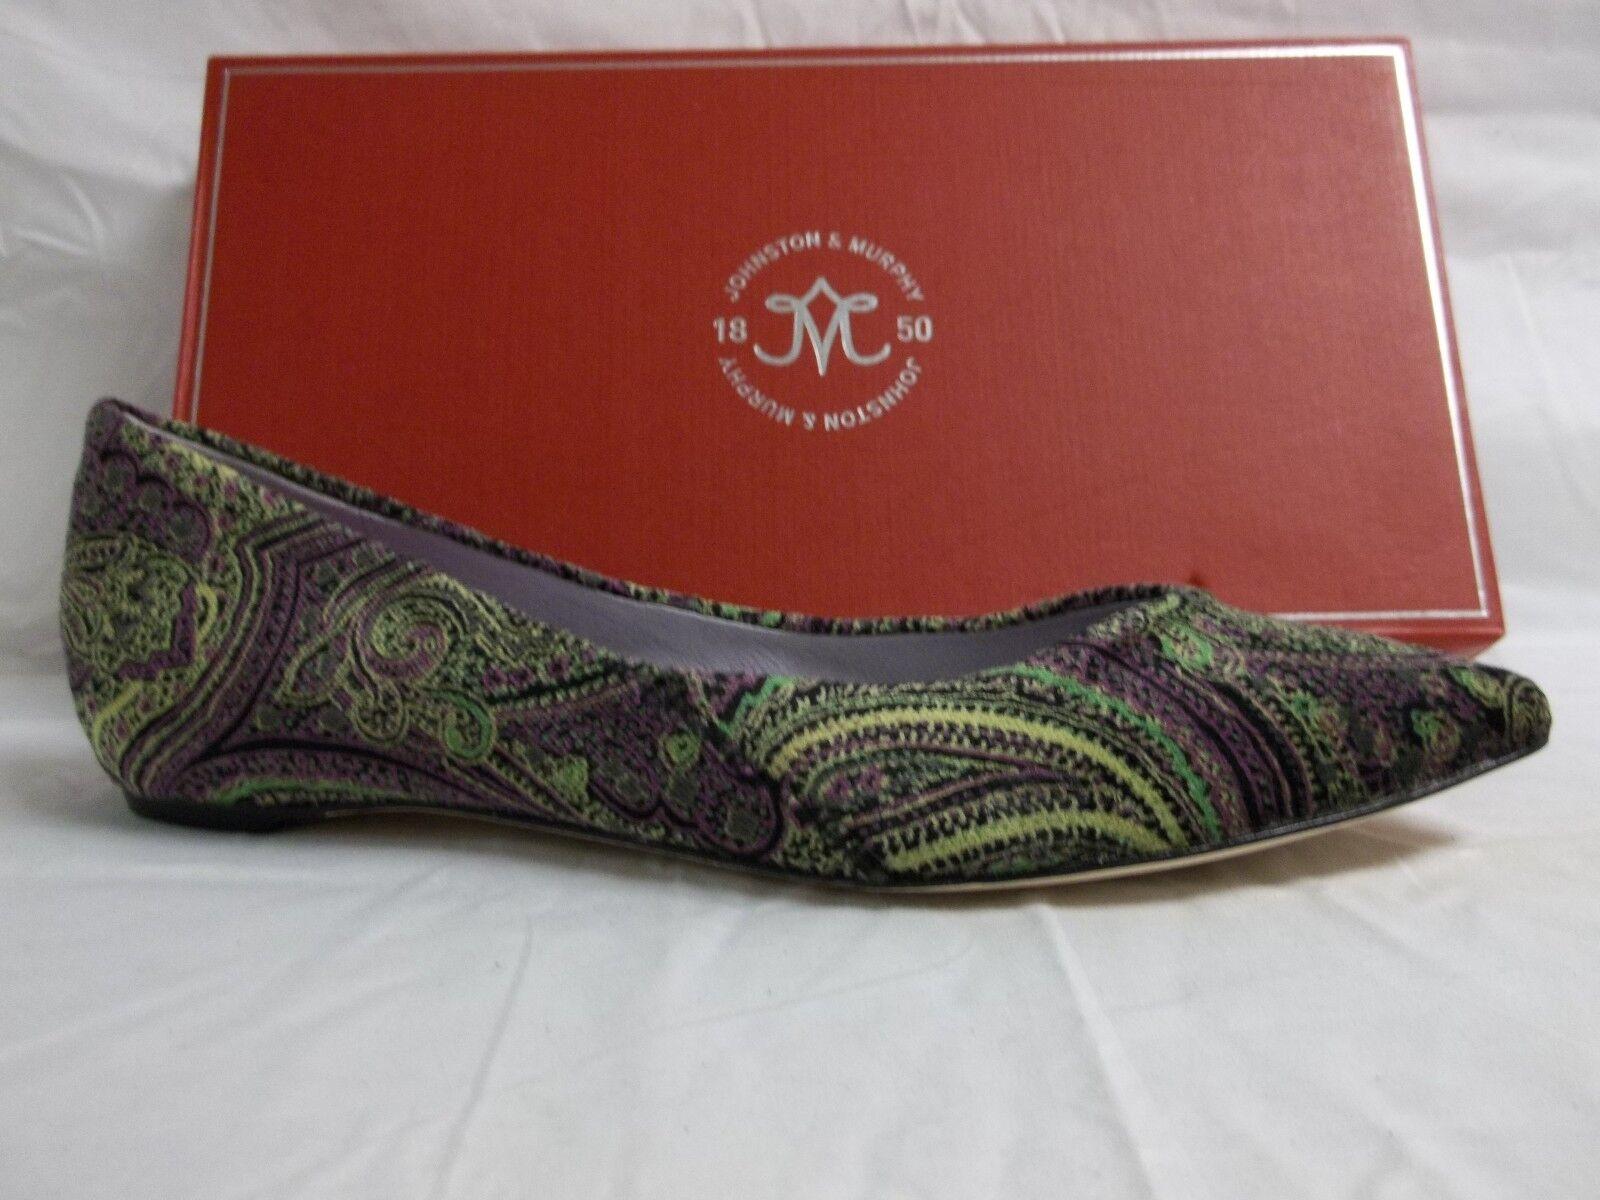 Johnston & Murphy Größe 8.5 M Tami Paisley Velvet Ballet Flats NEU Damenschuhe Schuhes